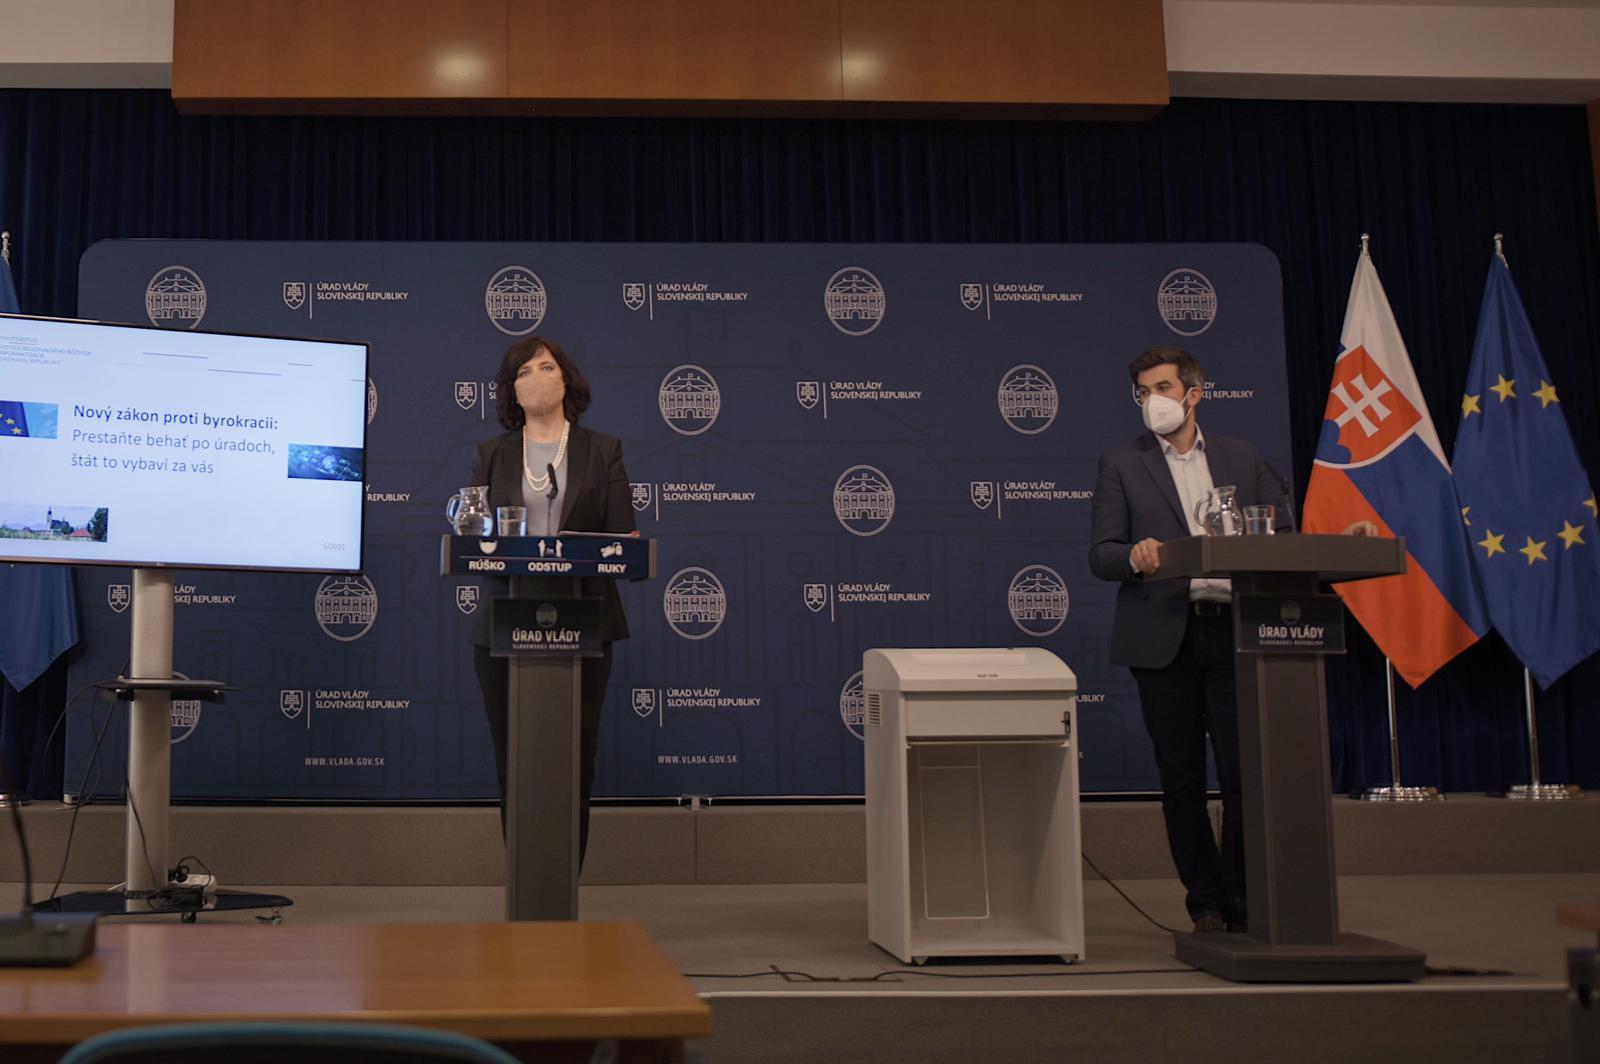 Ministerka Remišová: Náš nový zákon proti byrokracii ľuďom ušetrí 100 kíl nervov a 42 miliónov eur ročne